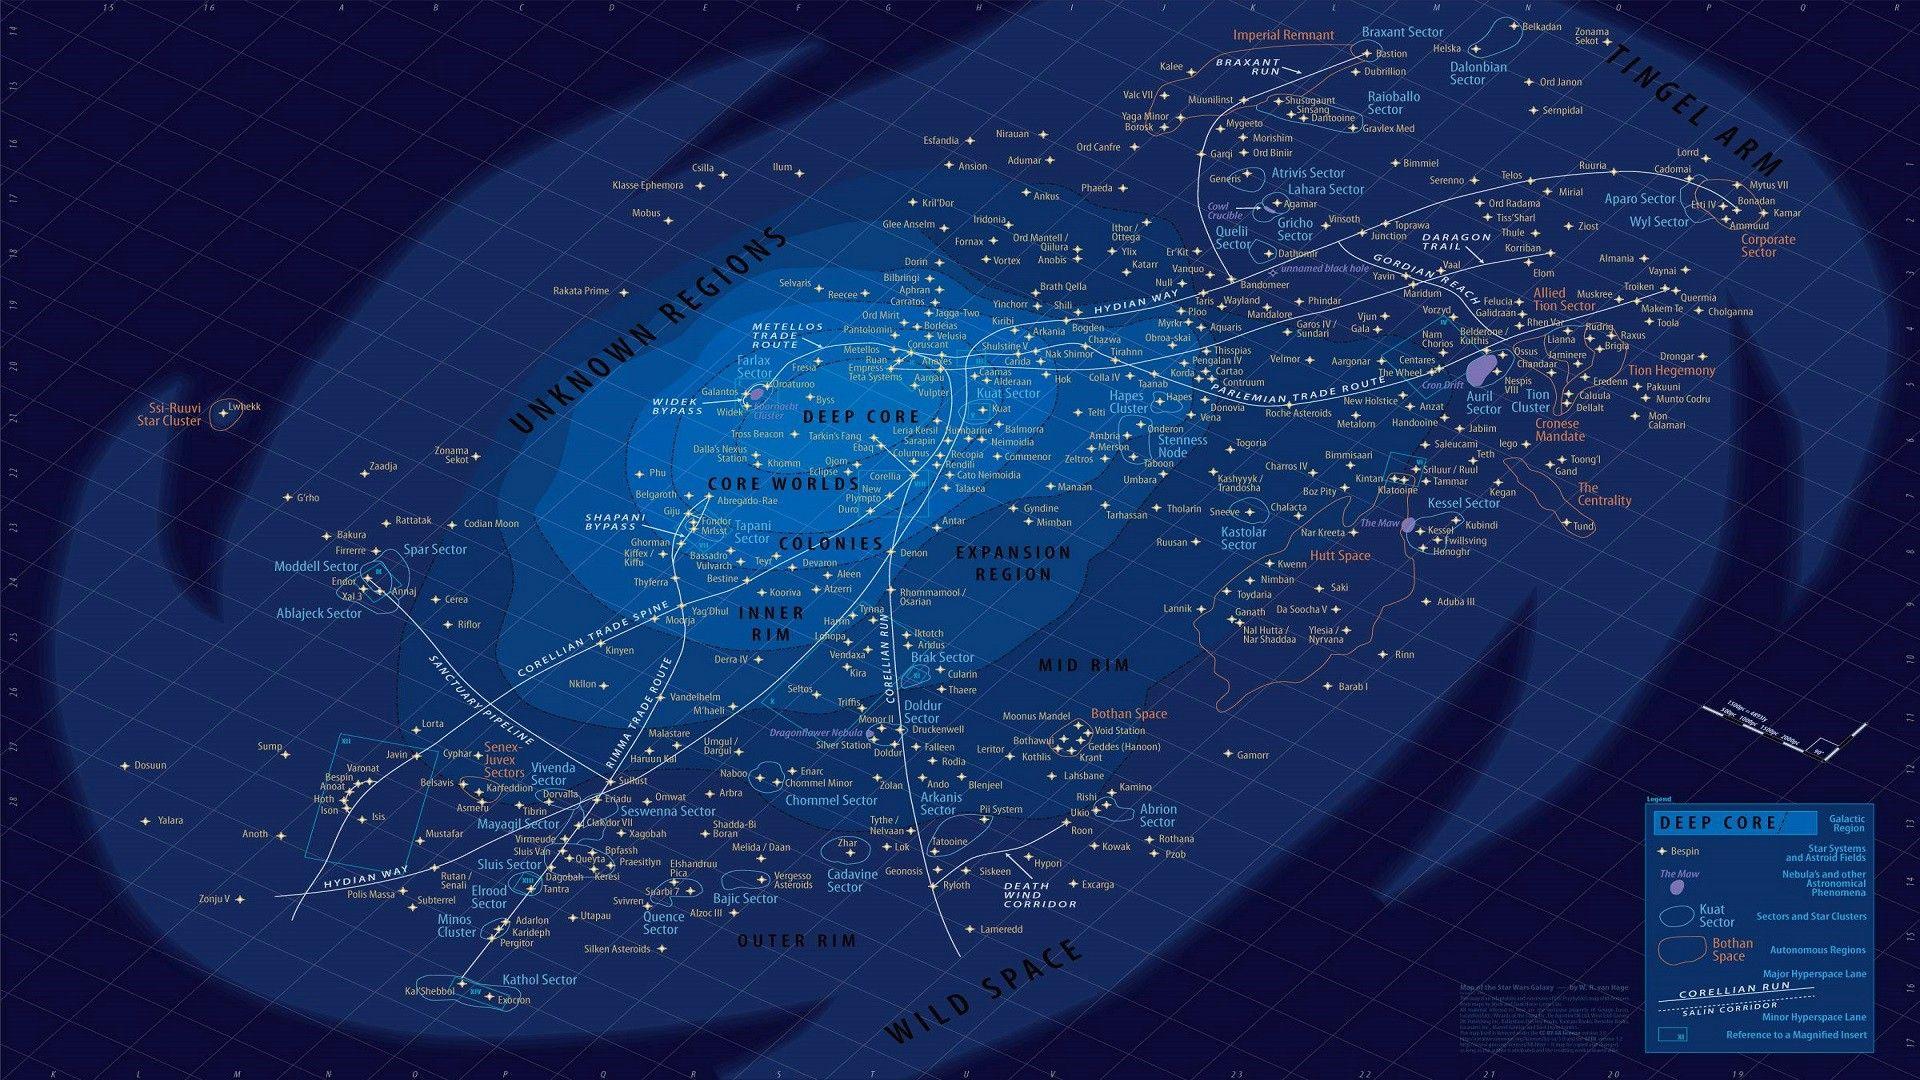 Star Wars Galaxies Wallpaper: Star Wars Galaxy Map